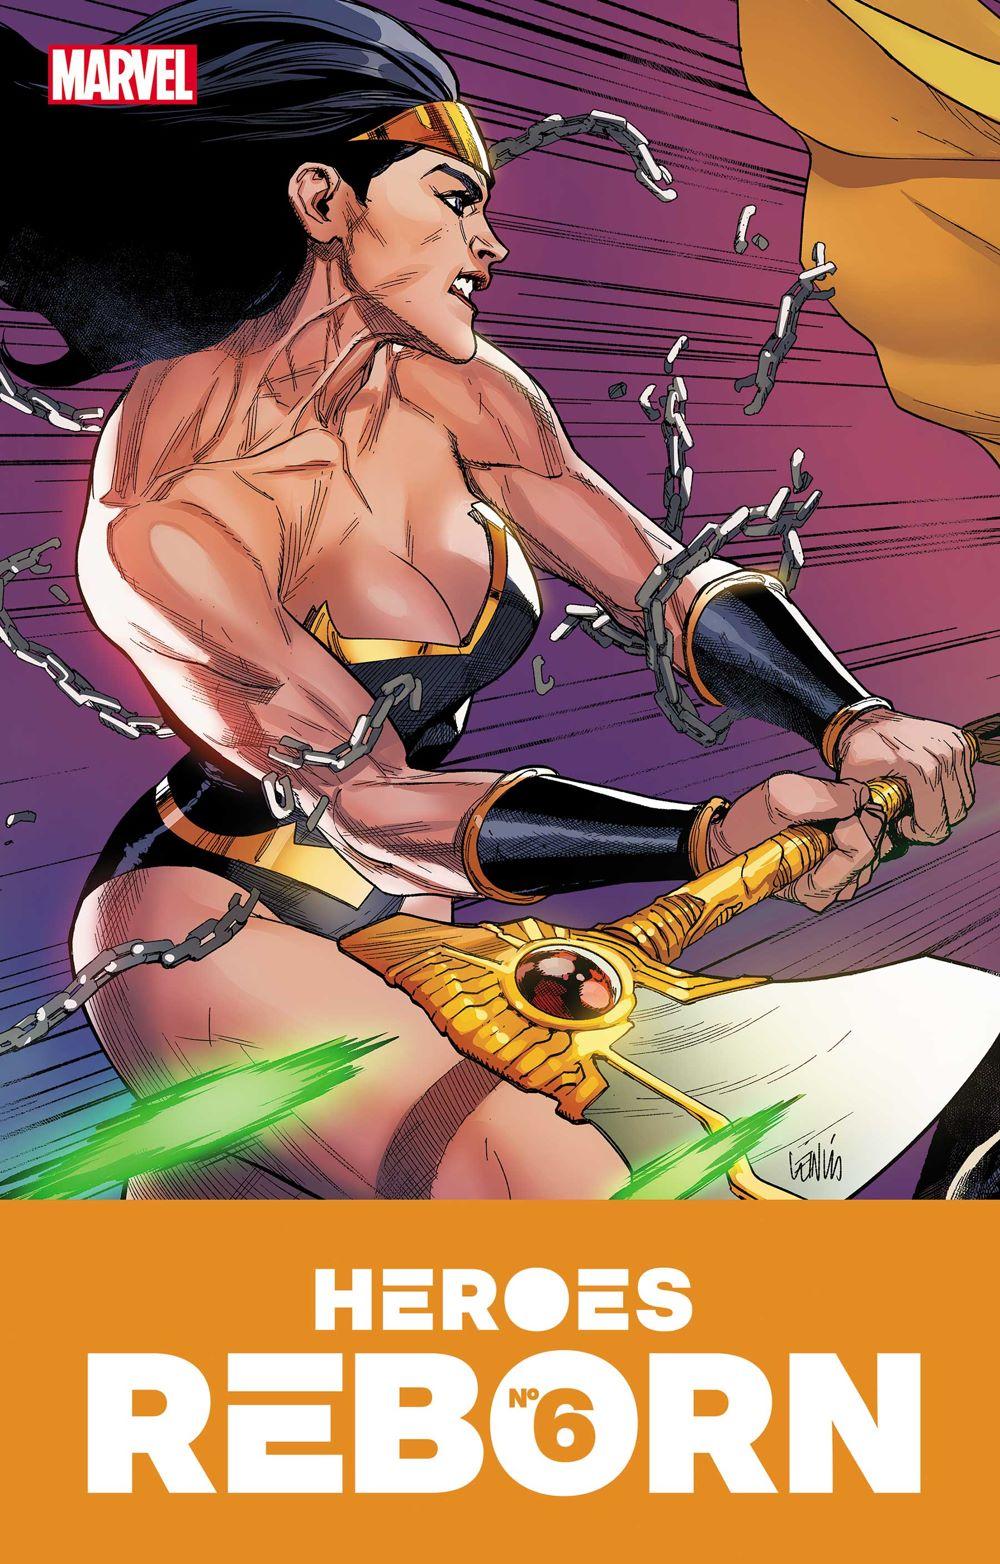 HEROESREBORN2021006_COV Marvel Comics June 2021 Solicitations